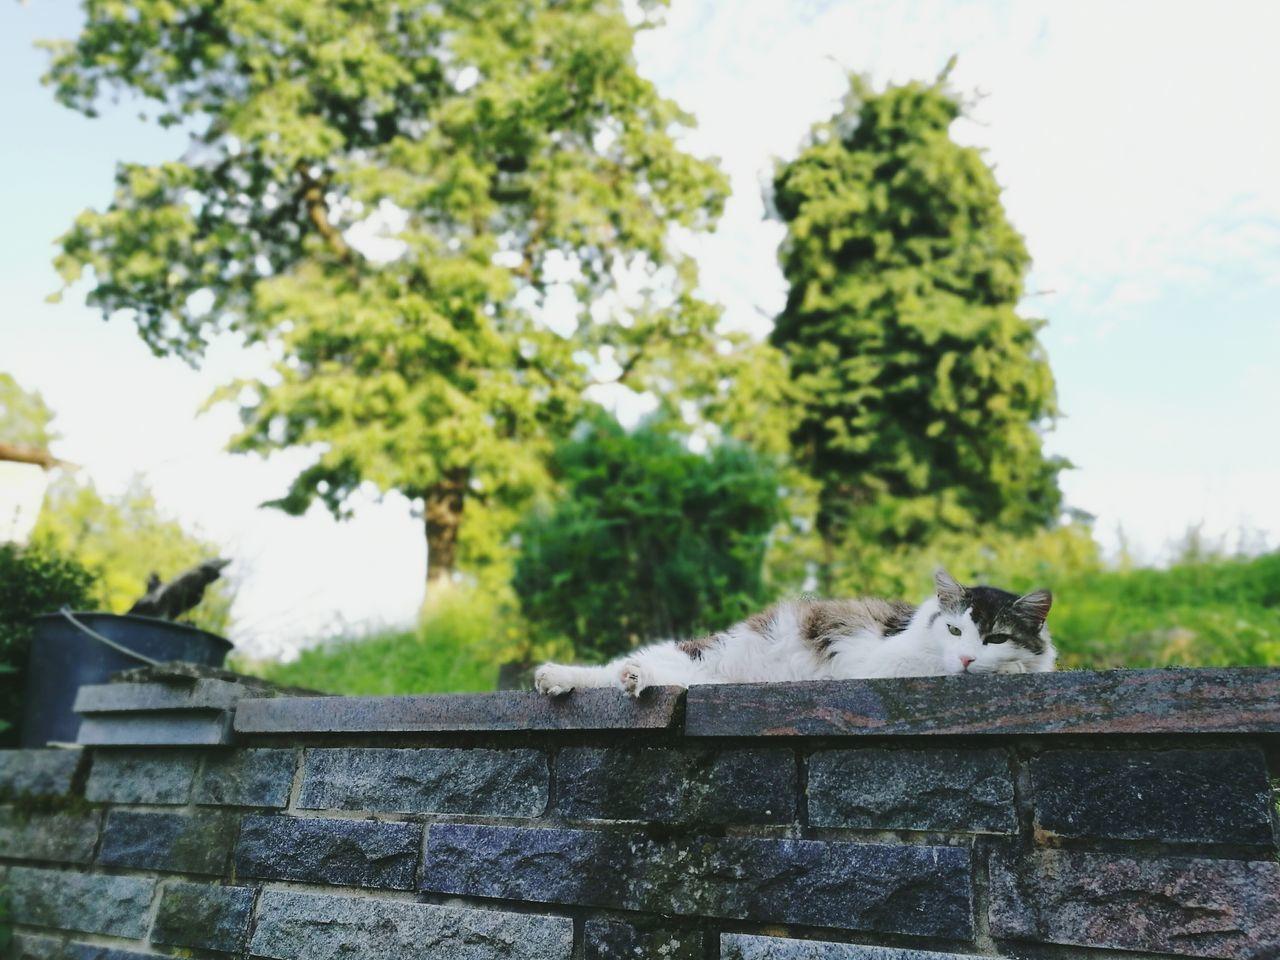 Lazy Day Cat Hanging Out Nature Animal Pet Germany Odenwald  Momart Hessen Natur Deutschland Tiere Haustier Katze Mauer Auf Der Mauer, Auf Der Lauer... Grün Blau Granit